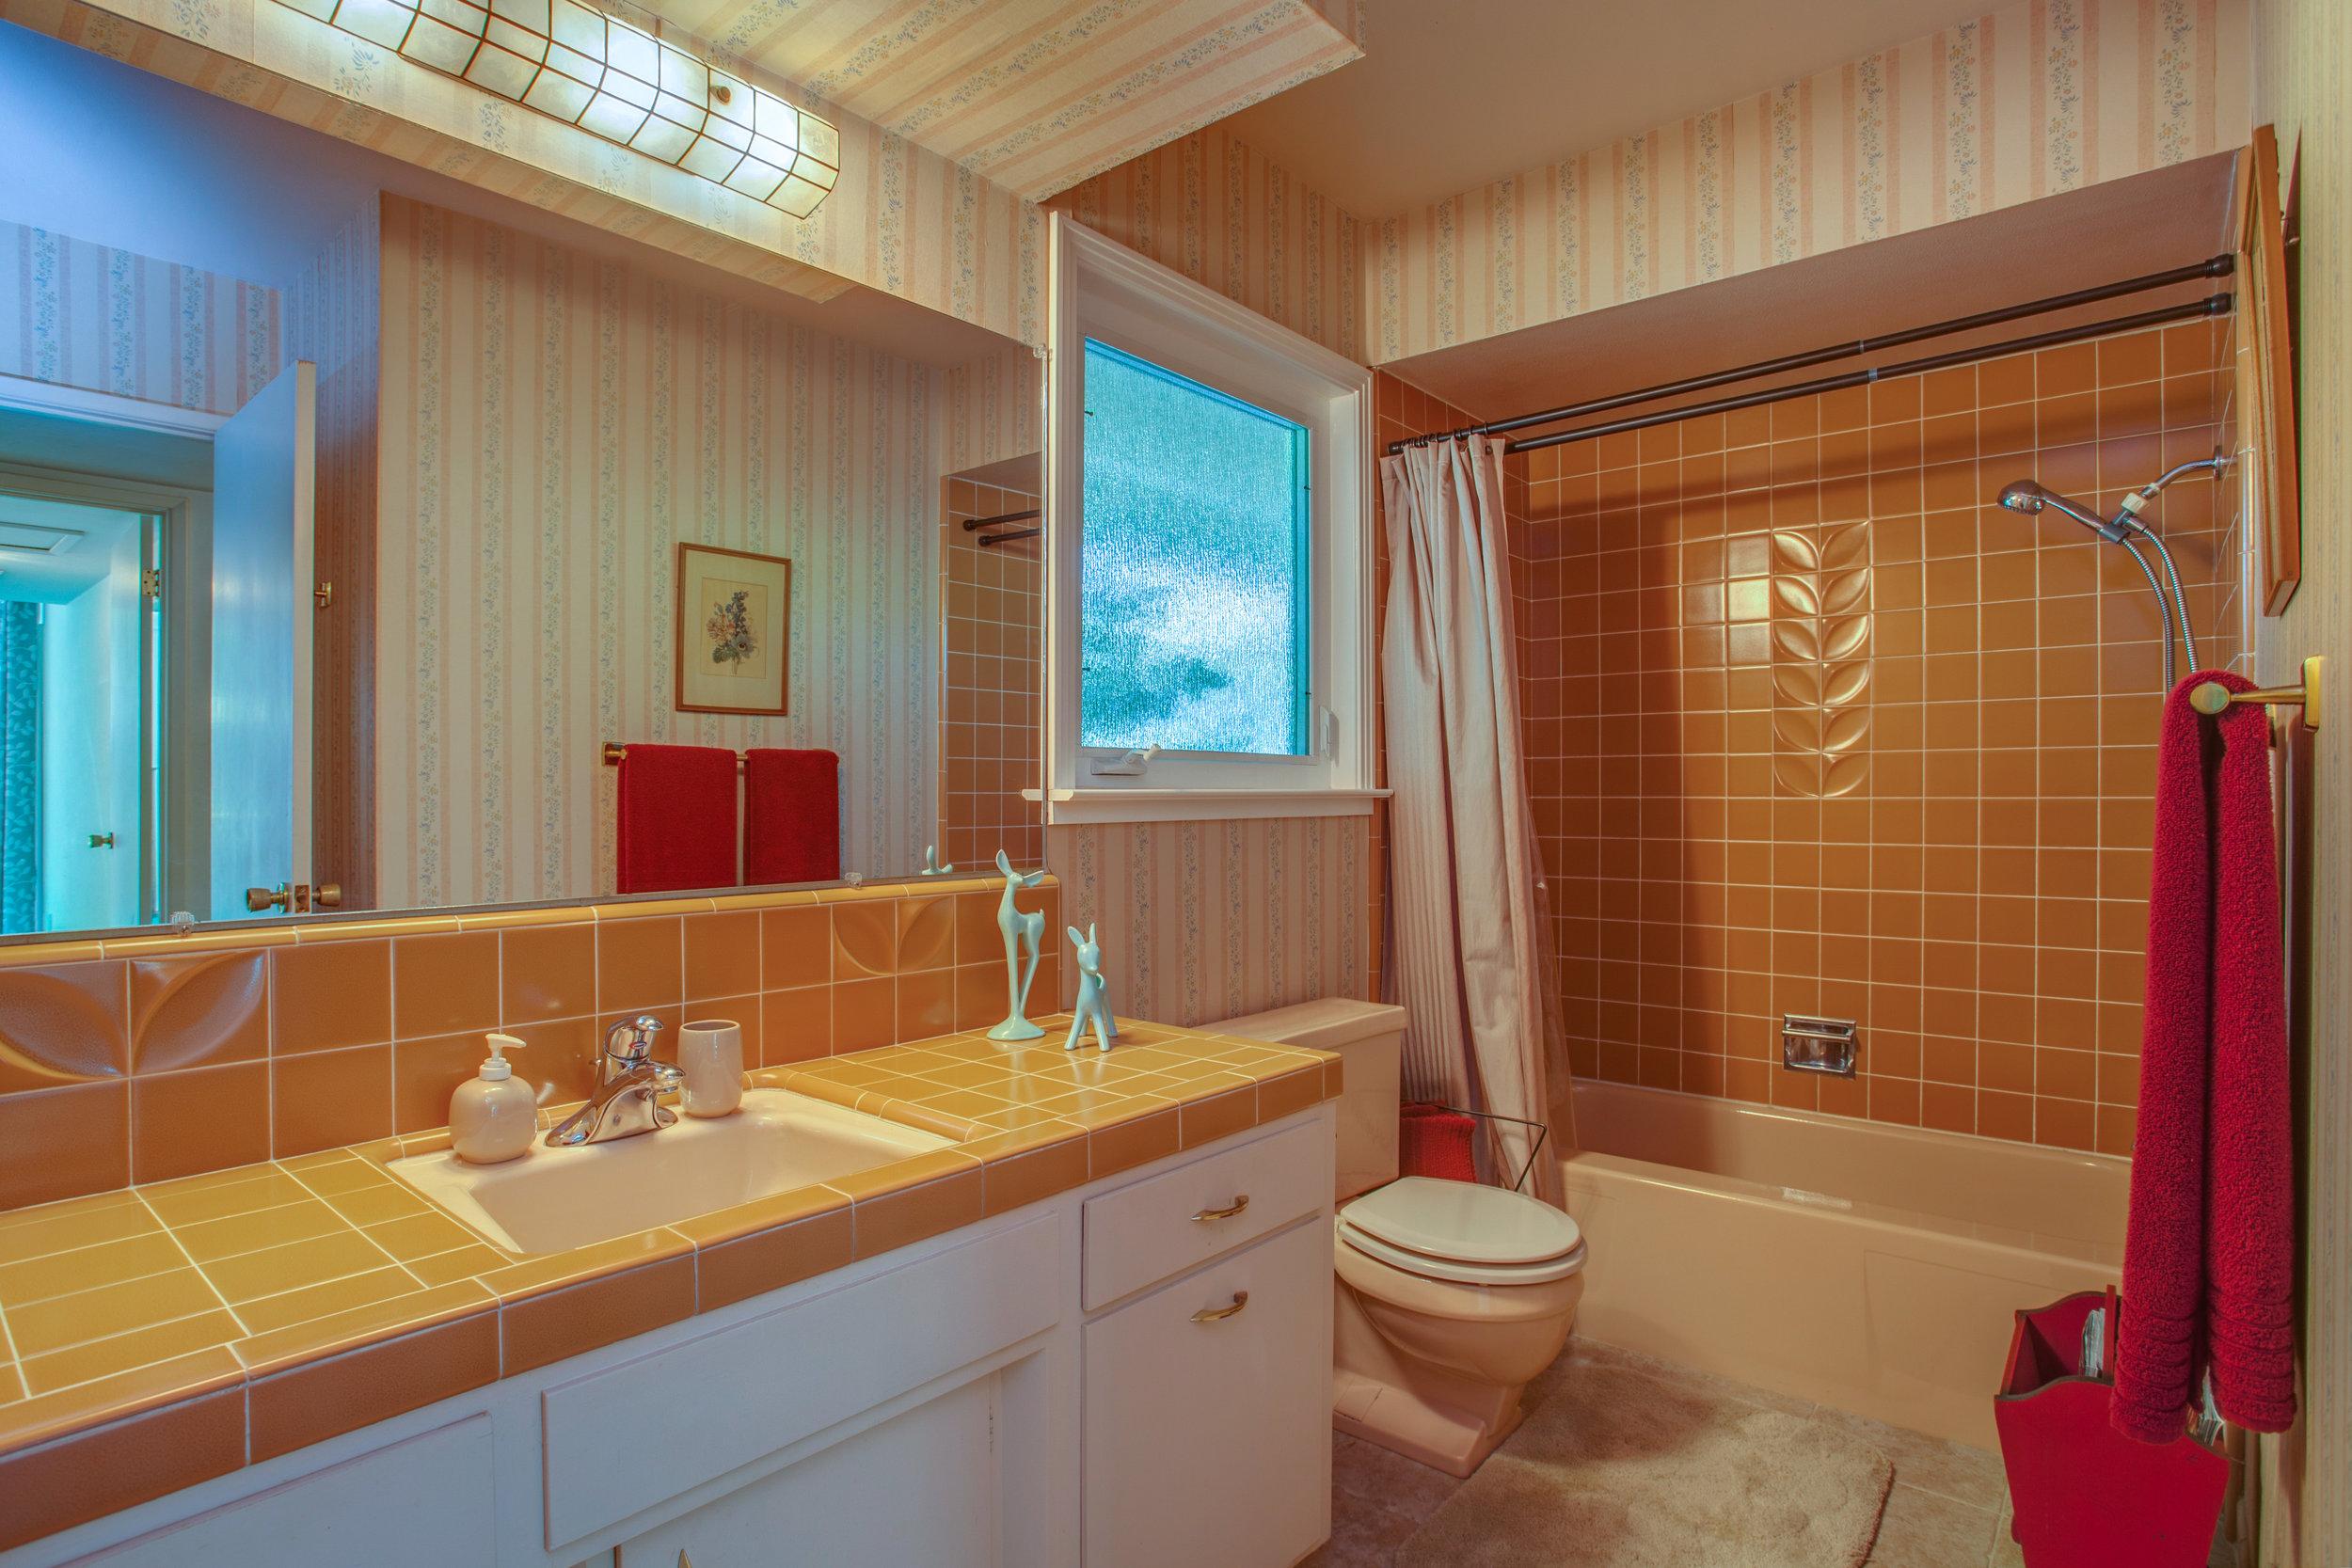 20745_ashley_way_MLS_HID1147504_ROOMfullbathroom.jpg